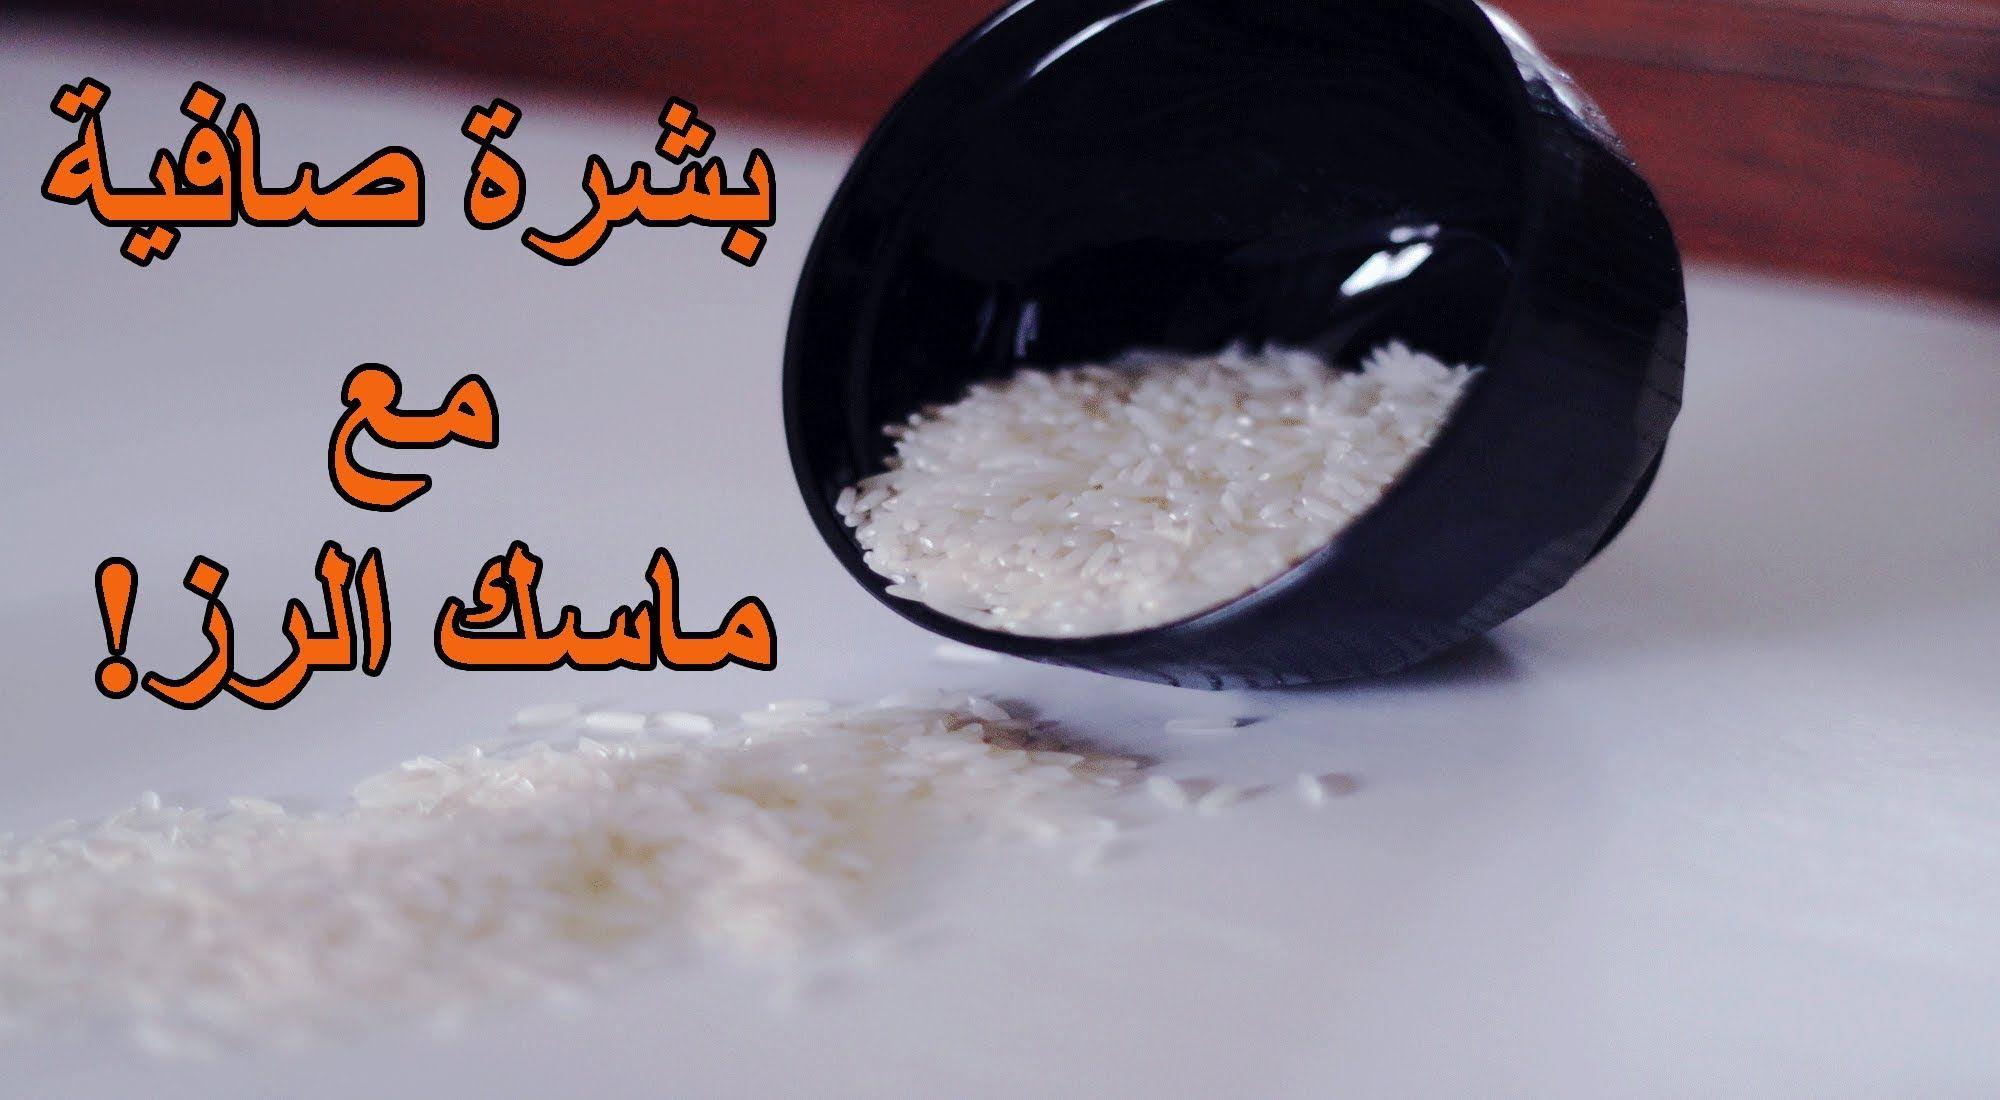 ماسك الرز تفتيح البشرة Food Beauty Care Condiments